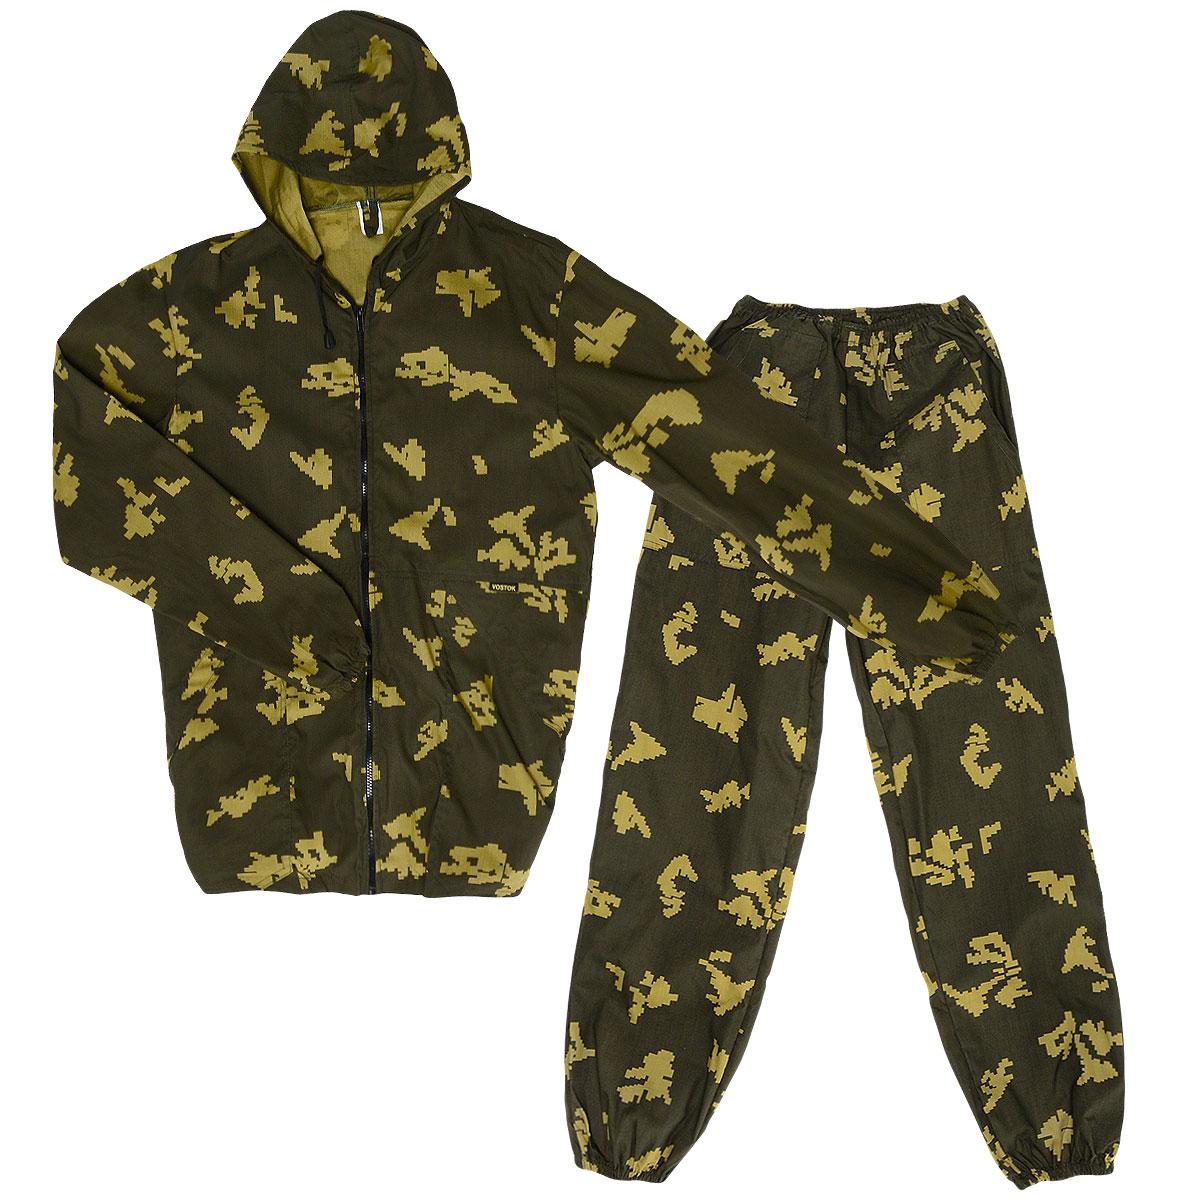 VSN-PКостюм маскировочный мужской Norfin Снайпер, состоящий из куртки и брюк, - отличный костюм для любого отдыха в жаркую погоду, в том числе активного (от +12 до +25°С). Прочный материал благодаря хлопку дышит, а полиэстер дает прочность. Куртка свободного кроя с капюшоном застегивается по всей длине на пластиковую застежку- молнию. Капюшон не отстегивается и дополнен скрытым шнурком. Низ рукавов и низ изделия дополнены внутренней эластичной резинкой. Спереди модель дополнена двумя накладными карманами под планкой. На левом рукаве также предусмотрен накладной карман с клапаном на липучке. Брюки свободного кроя на талии дополнены эластичным поясом со скрытым шнурком. Низ брючин дополнен внутренней резинкой. Спереди предусмотрены два вместительных накладных кармана. Костюм выполнен в маскировочной расцветке «Пограничник». УВАЖАЕМЫЕ КЛИЕНТЫ! Обращаем ваше внимание, что костюм поставляется в двух оттенках цвета хаки. Оба варианта оттенка...